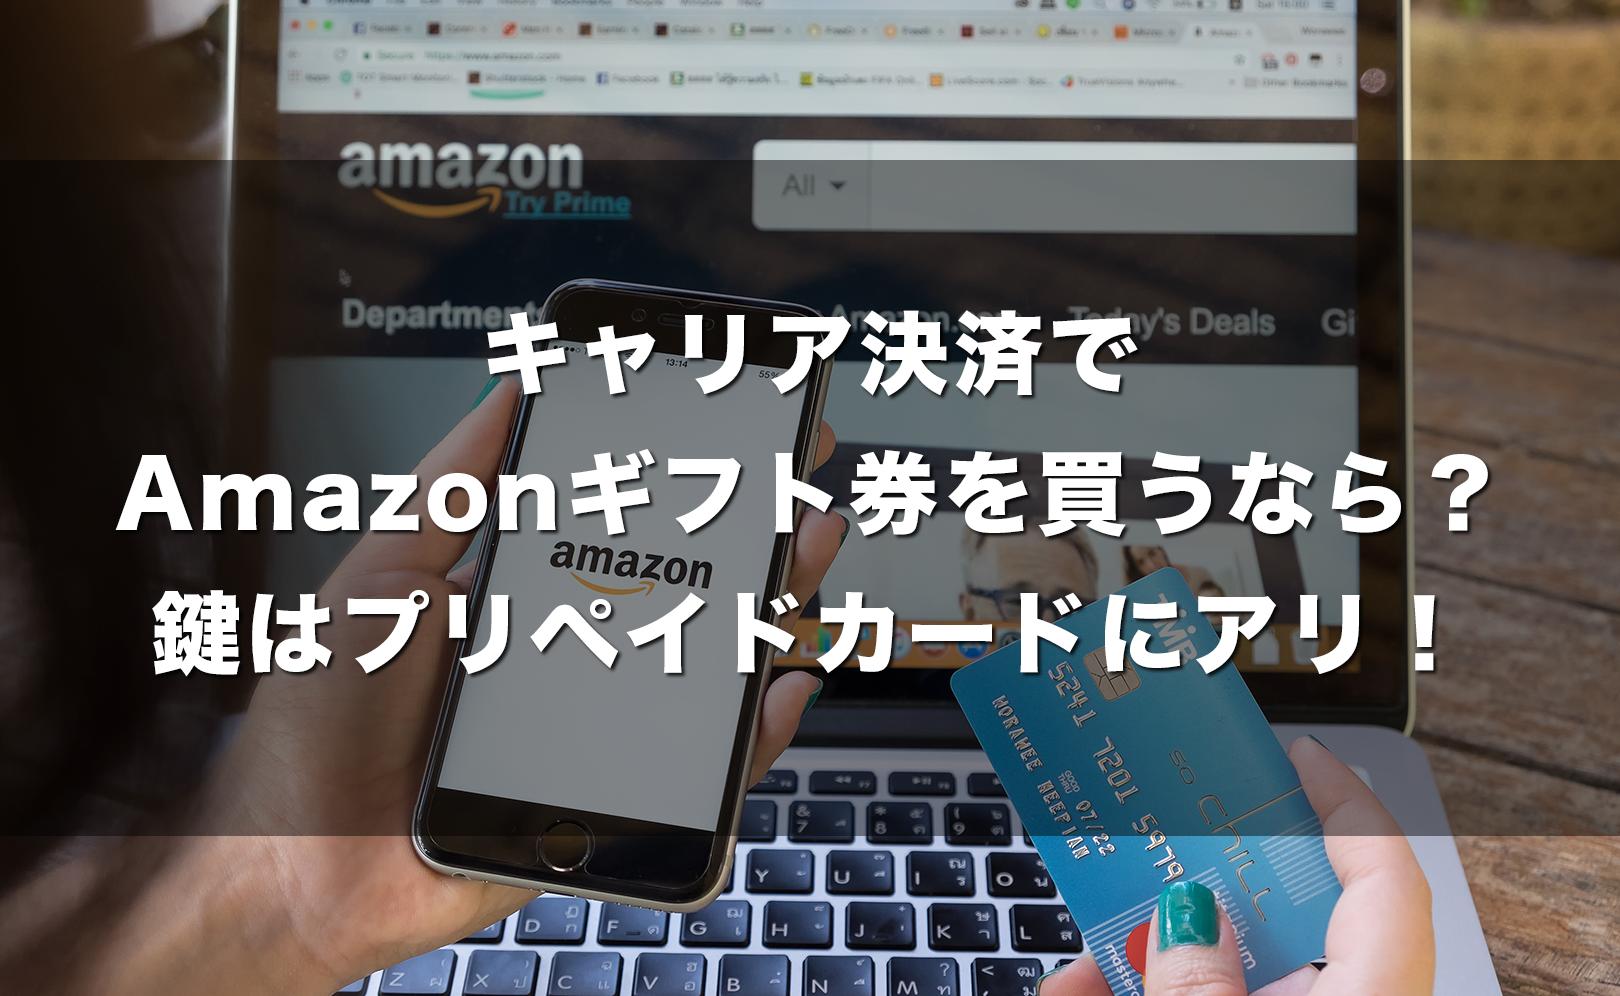 キャリア決済でAmazonギフト券を買うなら?鍵はプリペイドカードにアリ!